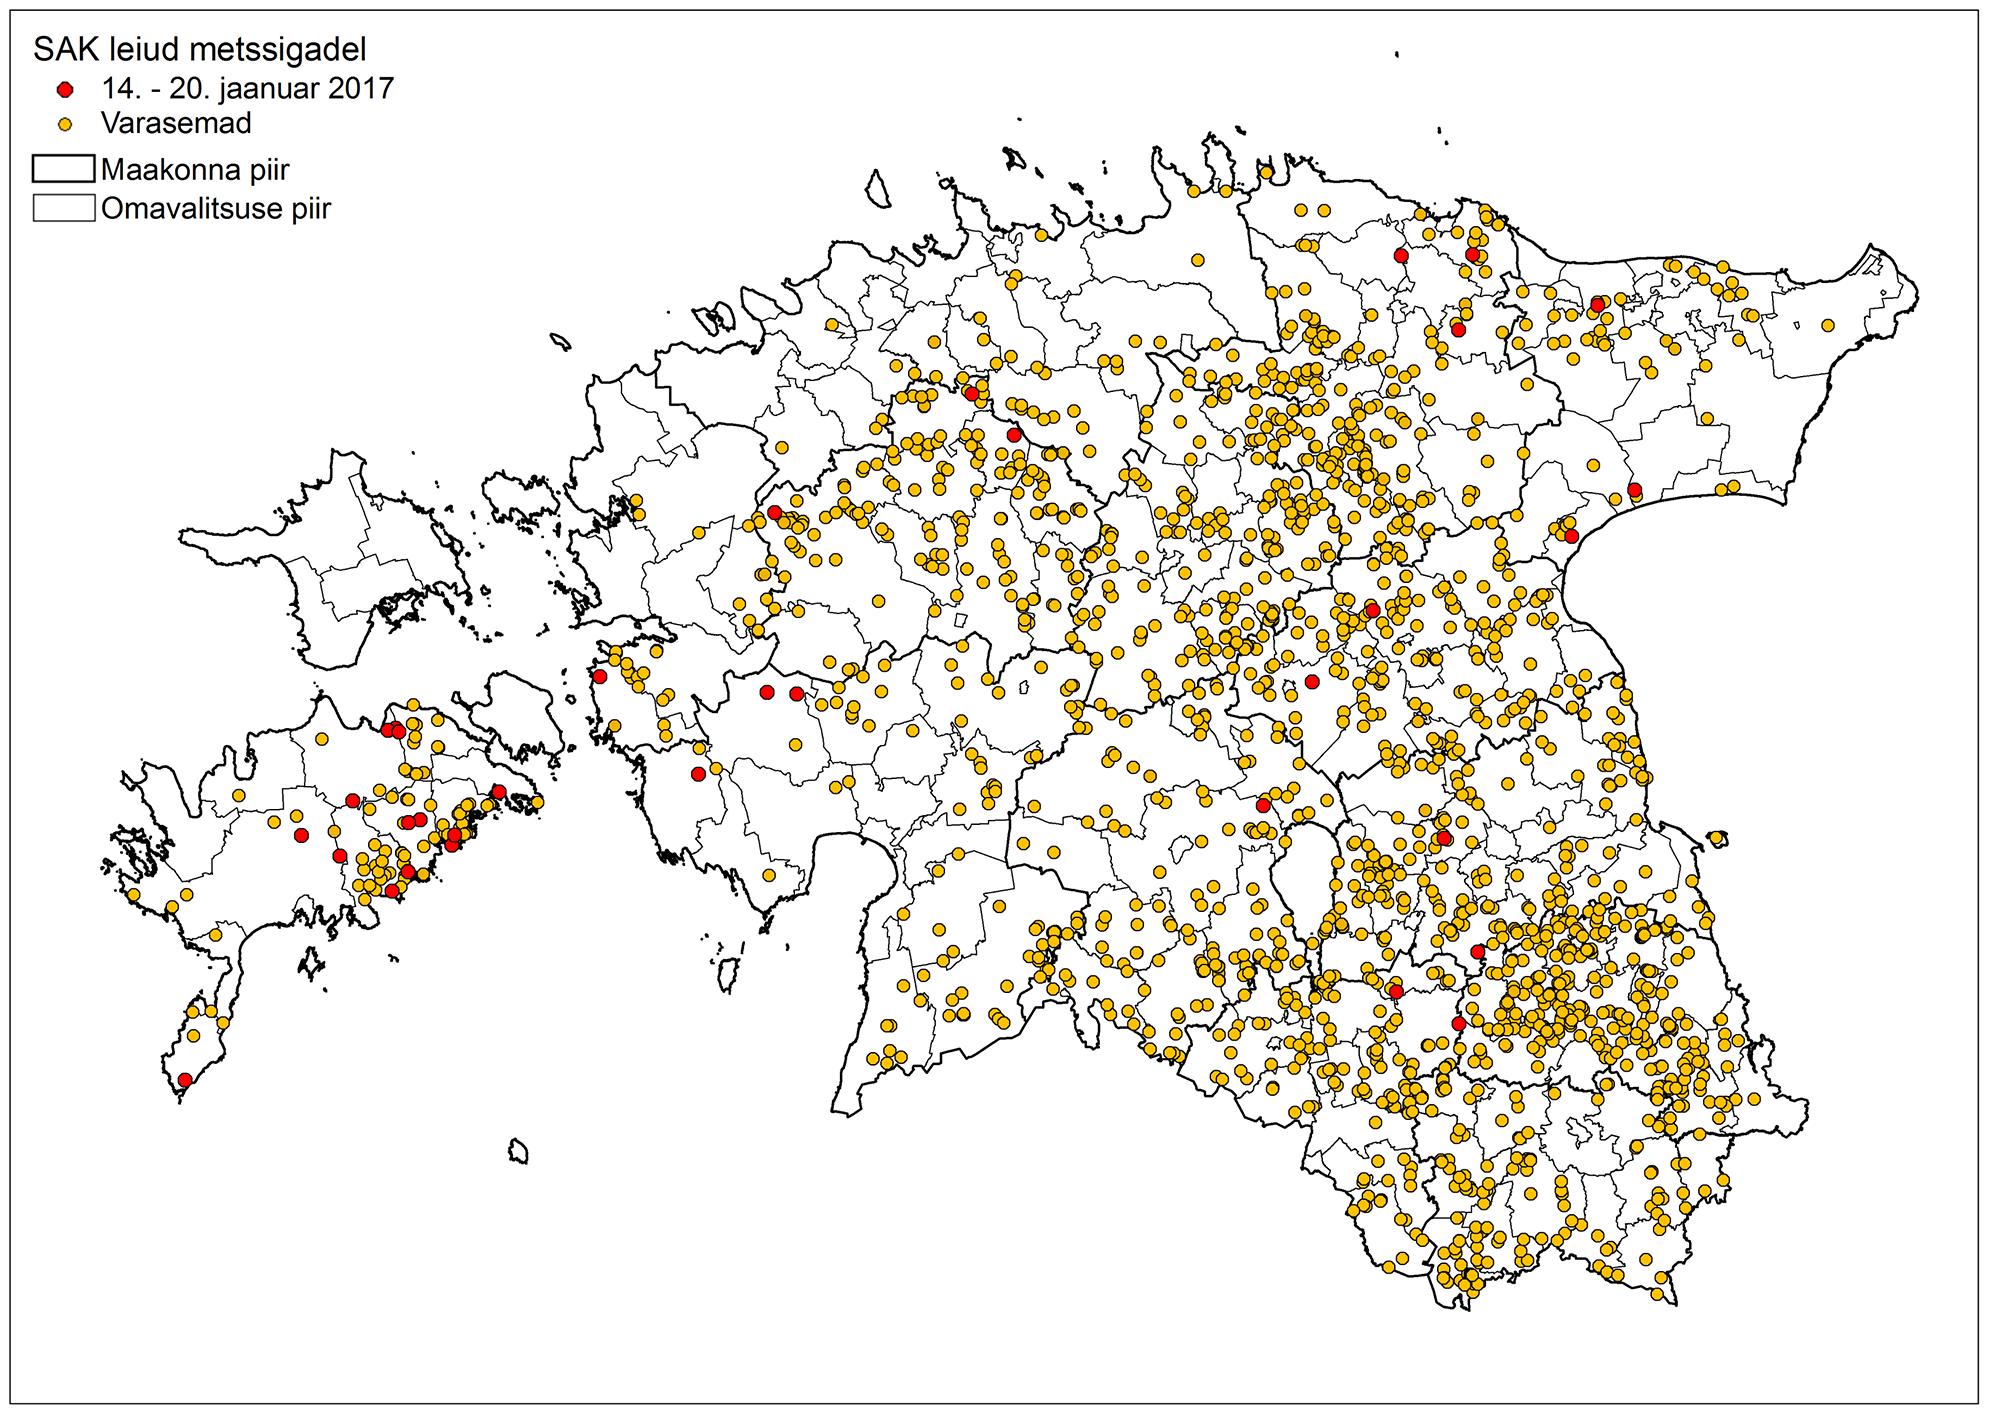 sak-leiud-metssead-omavalitsused-2017-01-20